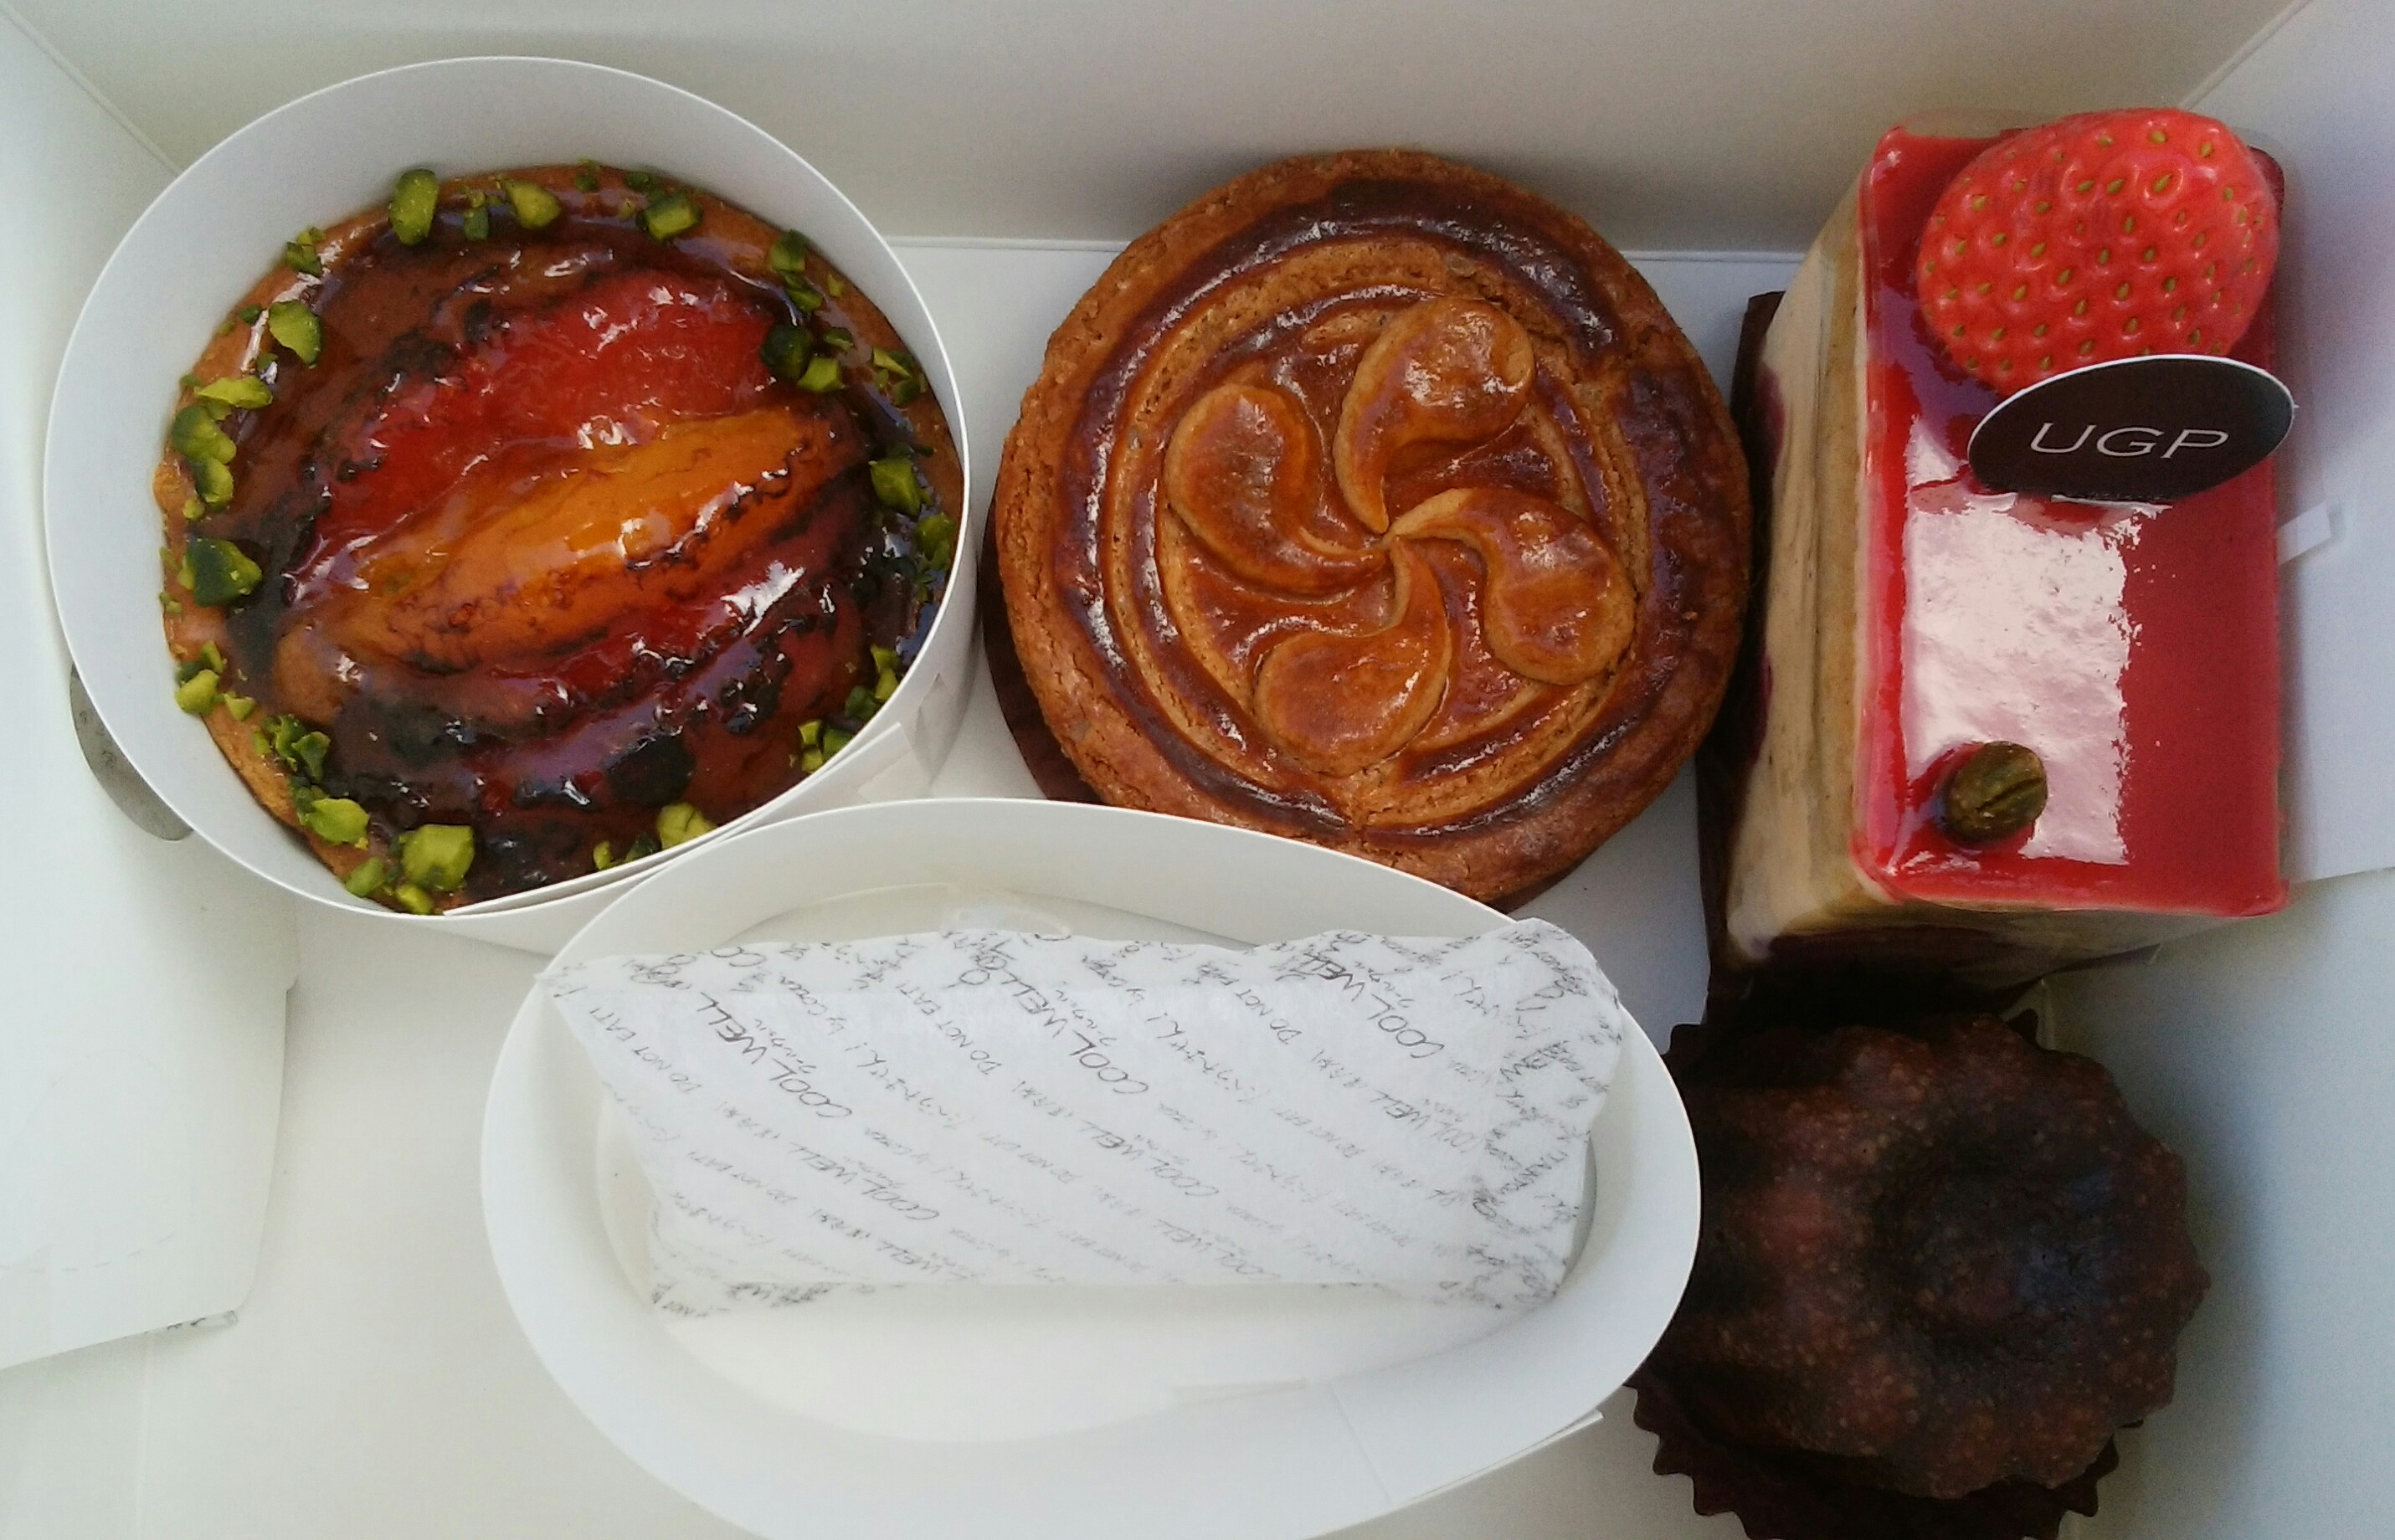 二度目の訪問!パティスリー『アングランパ』の美味しいお菓子たち